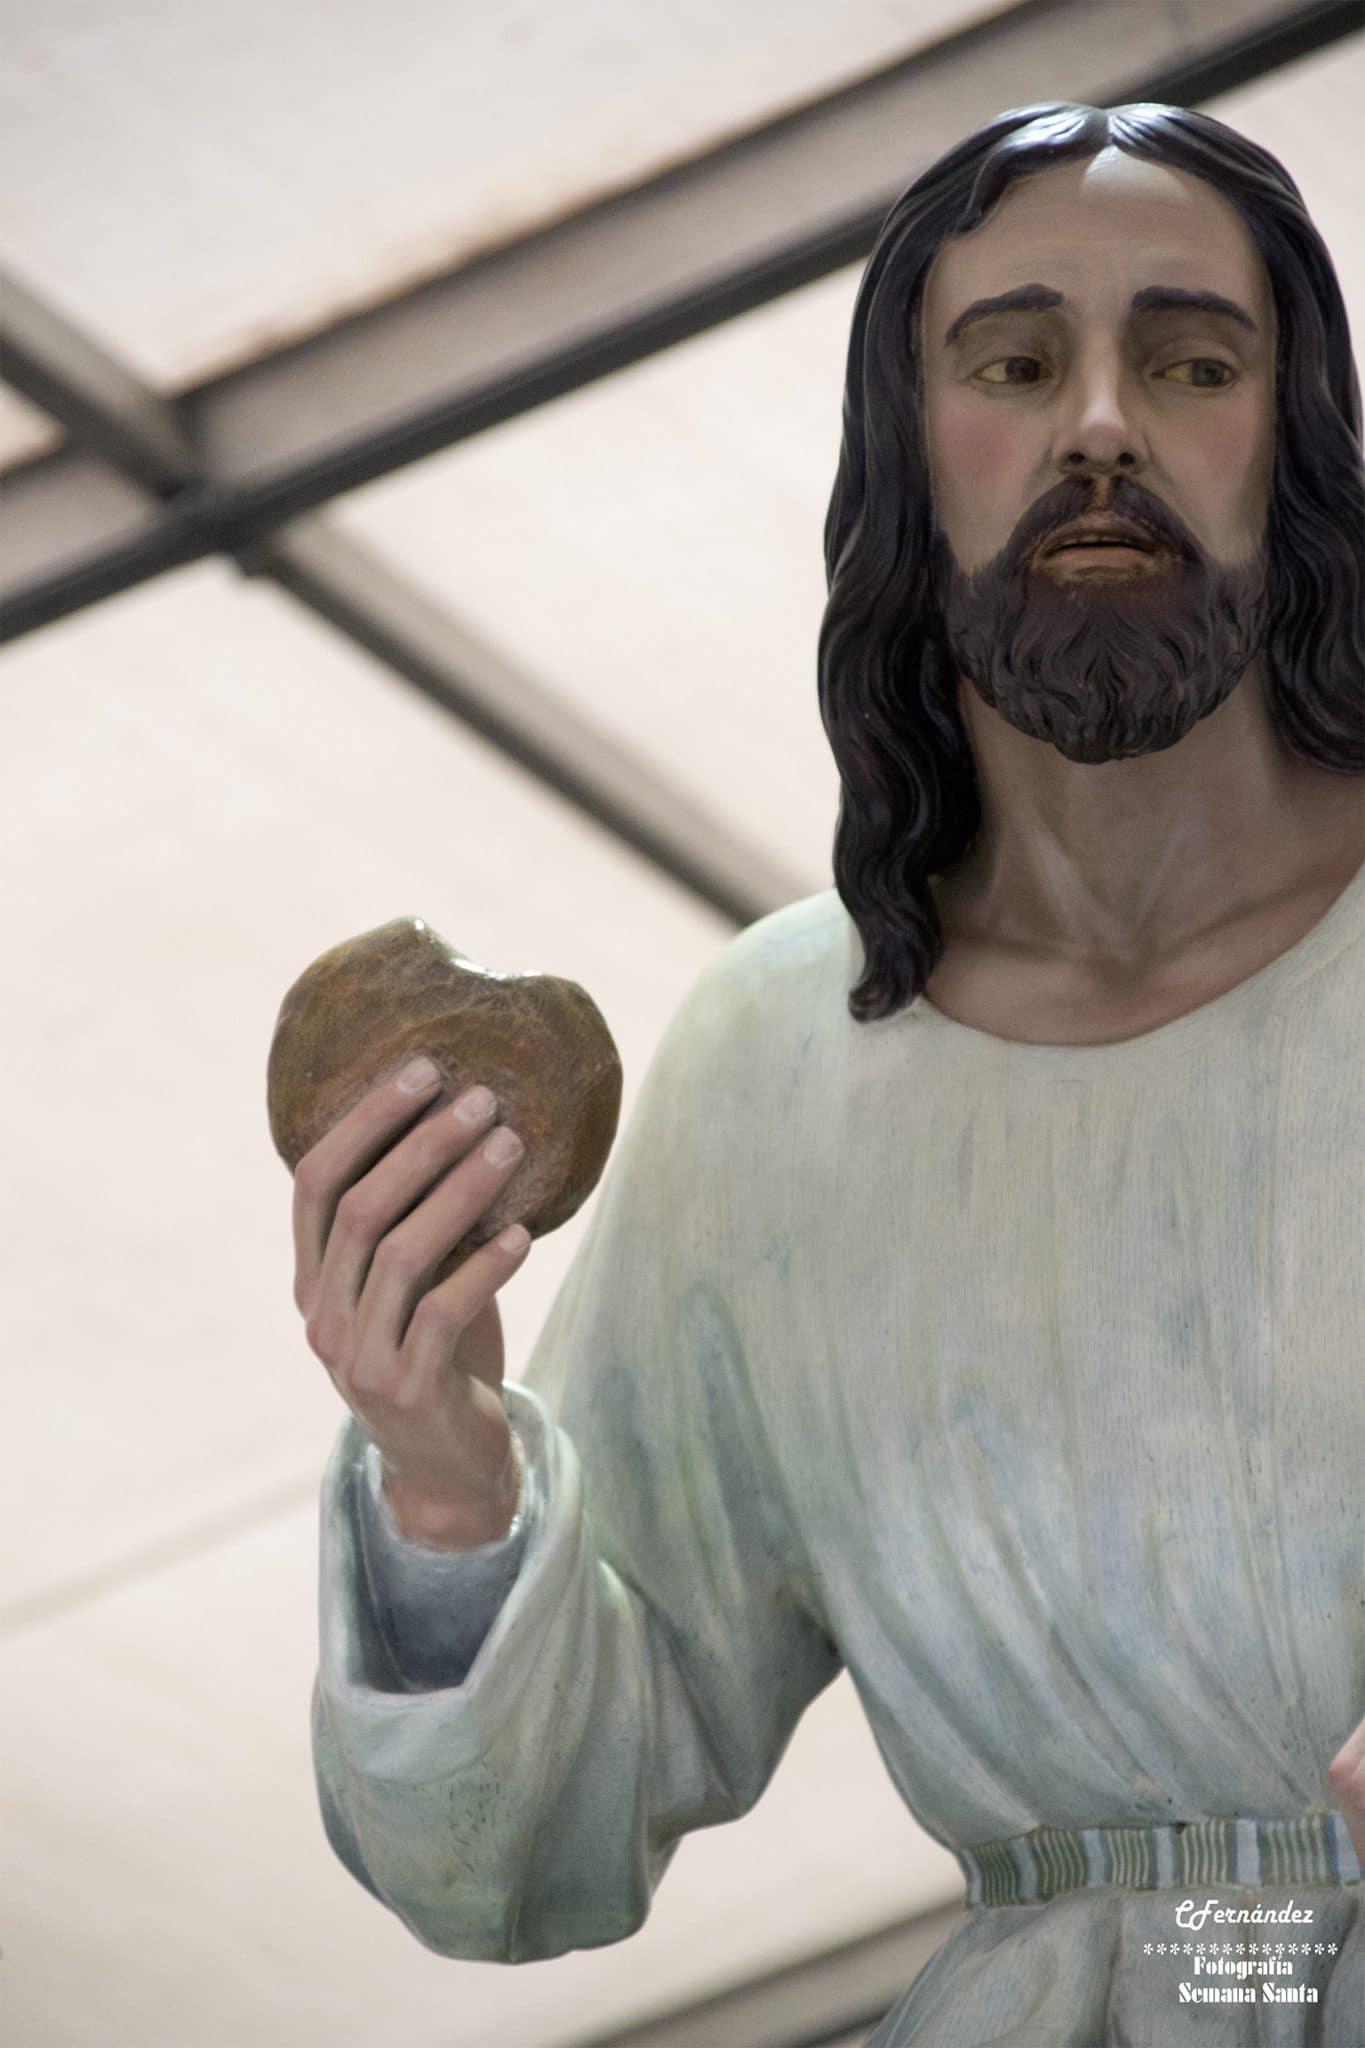 Procesión de la Santa Cena, León 2